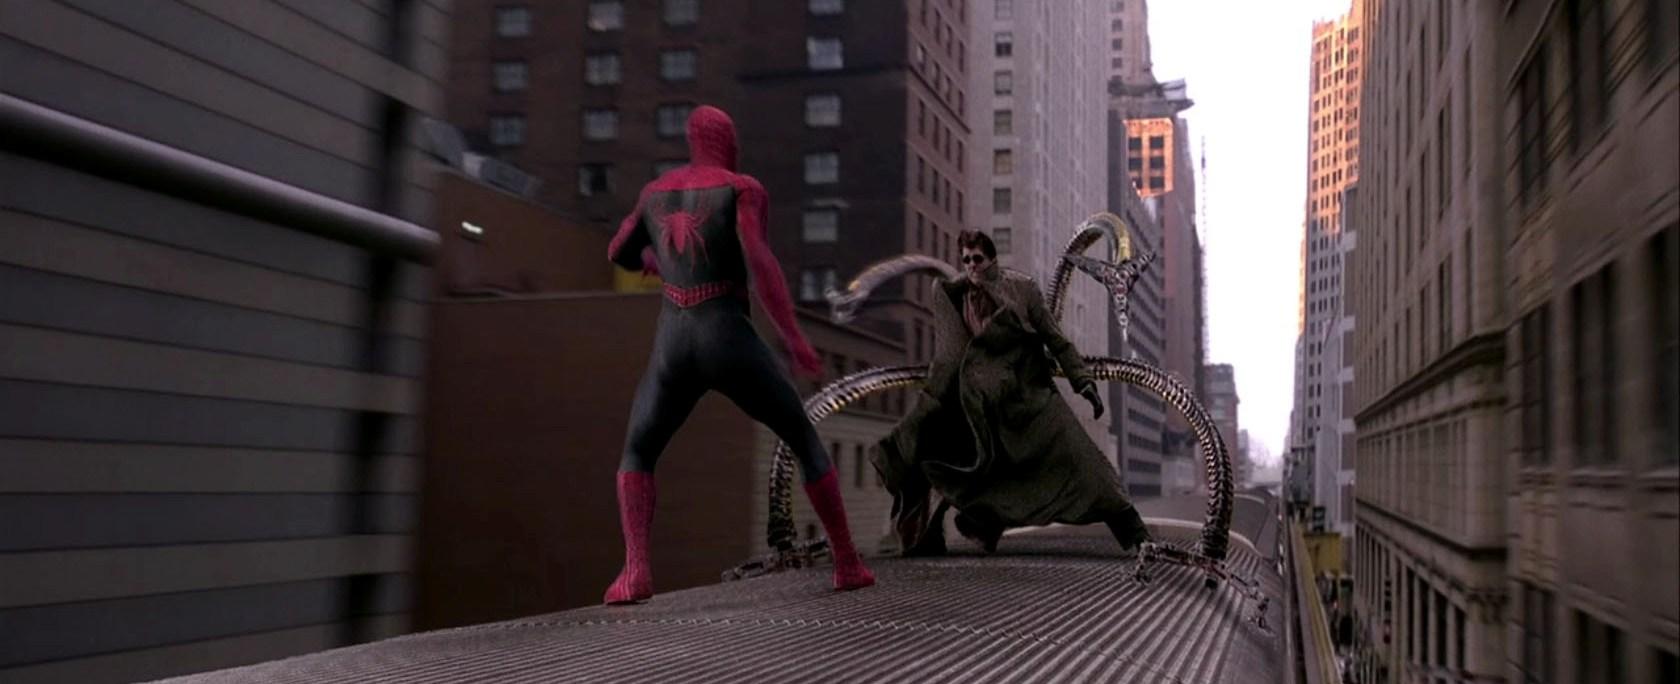 spider-man-c